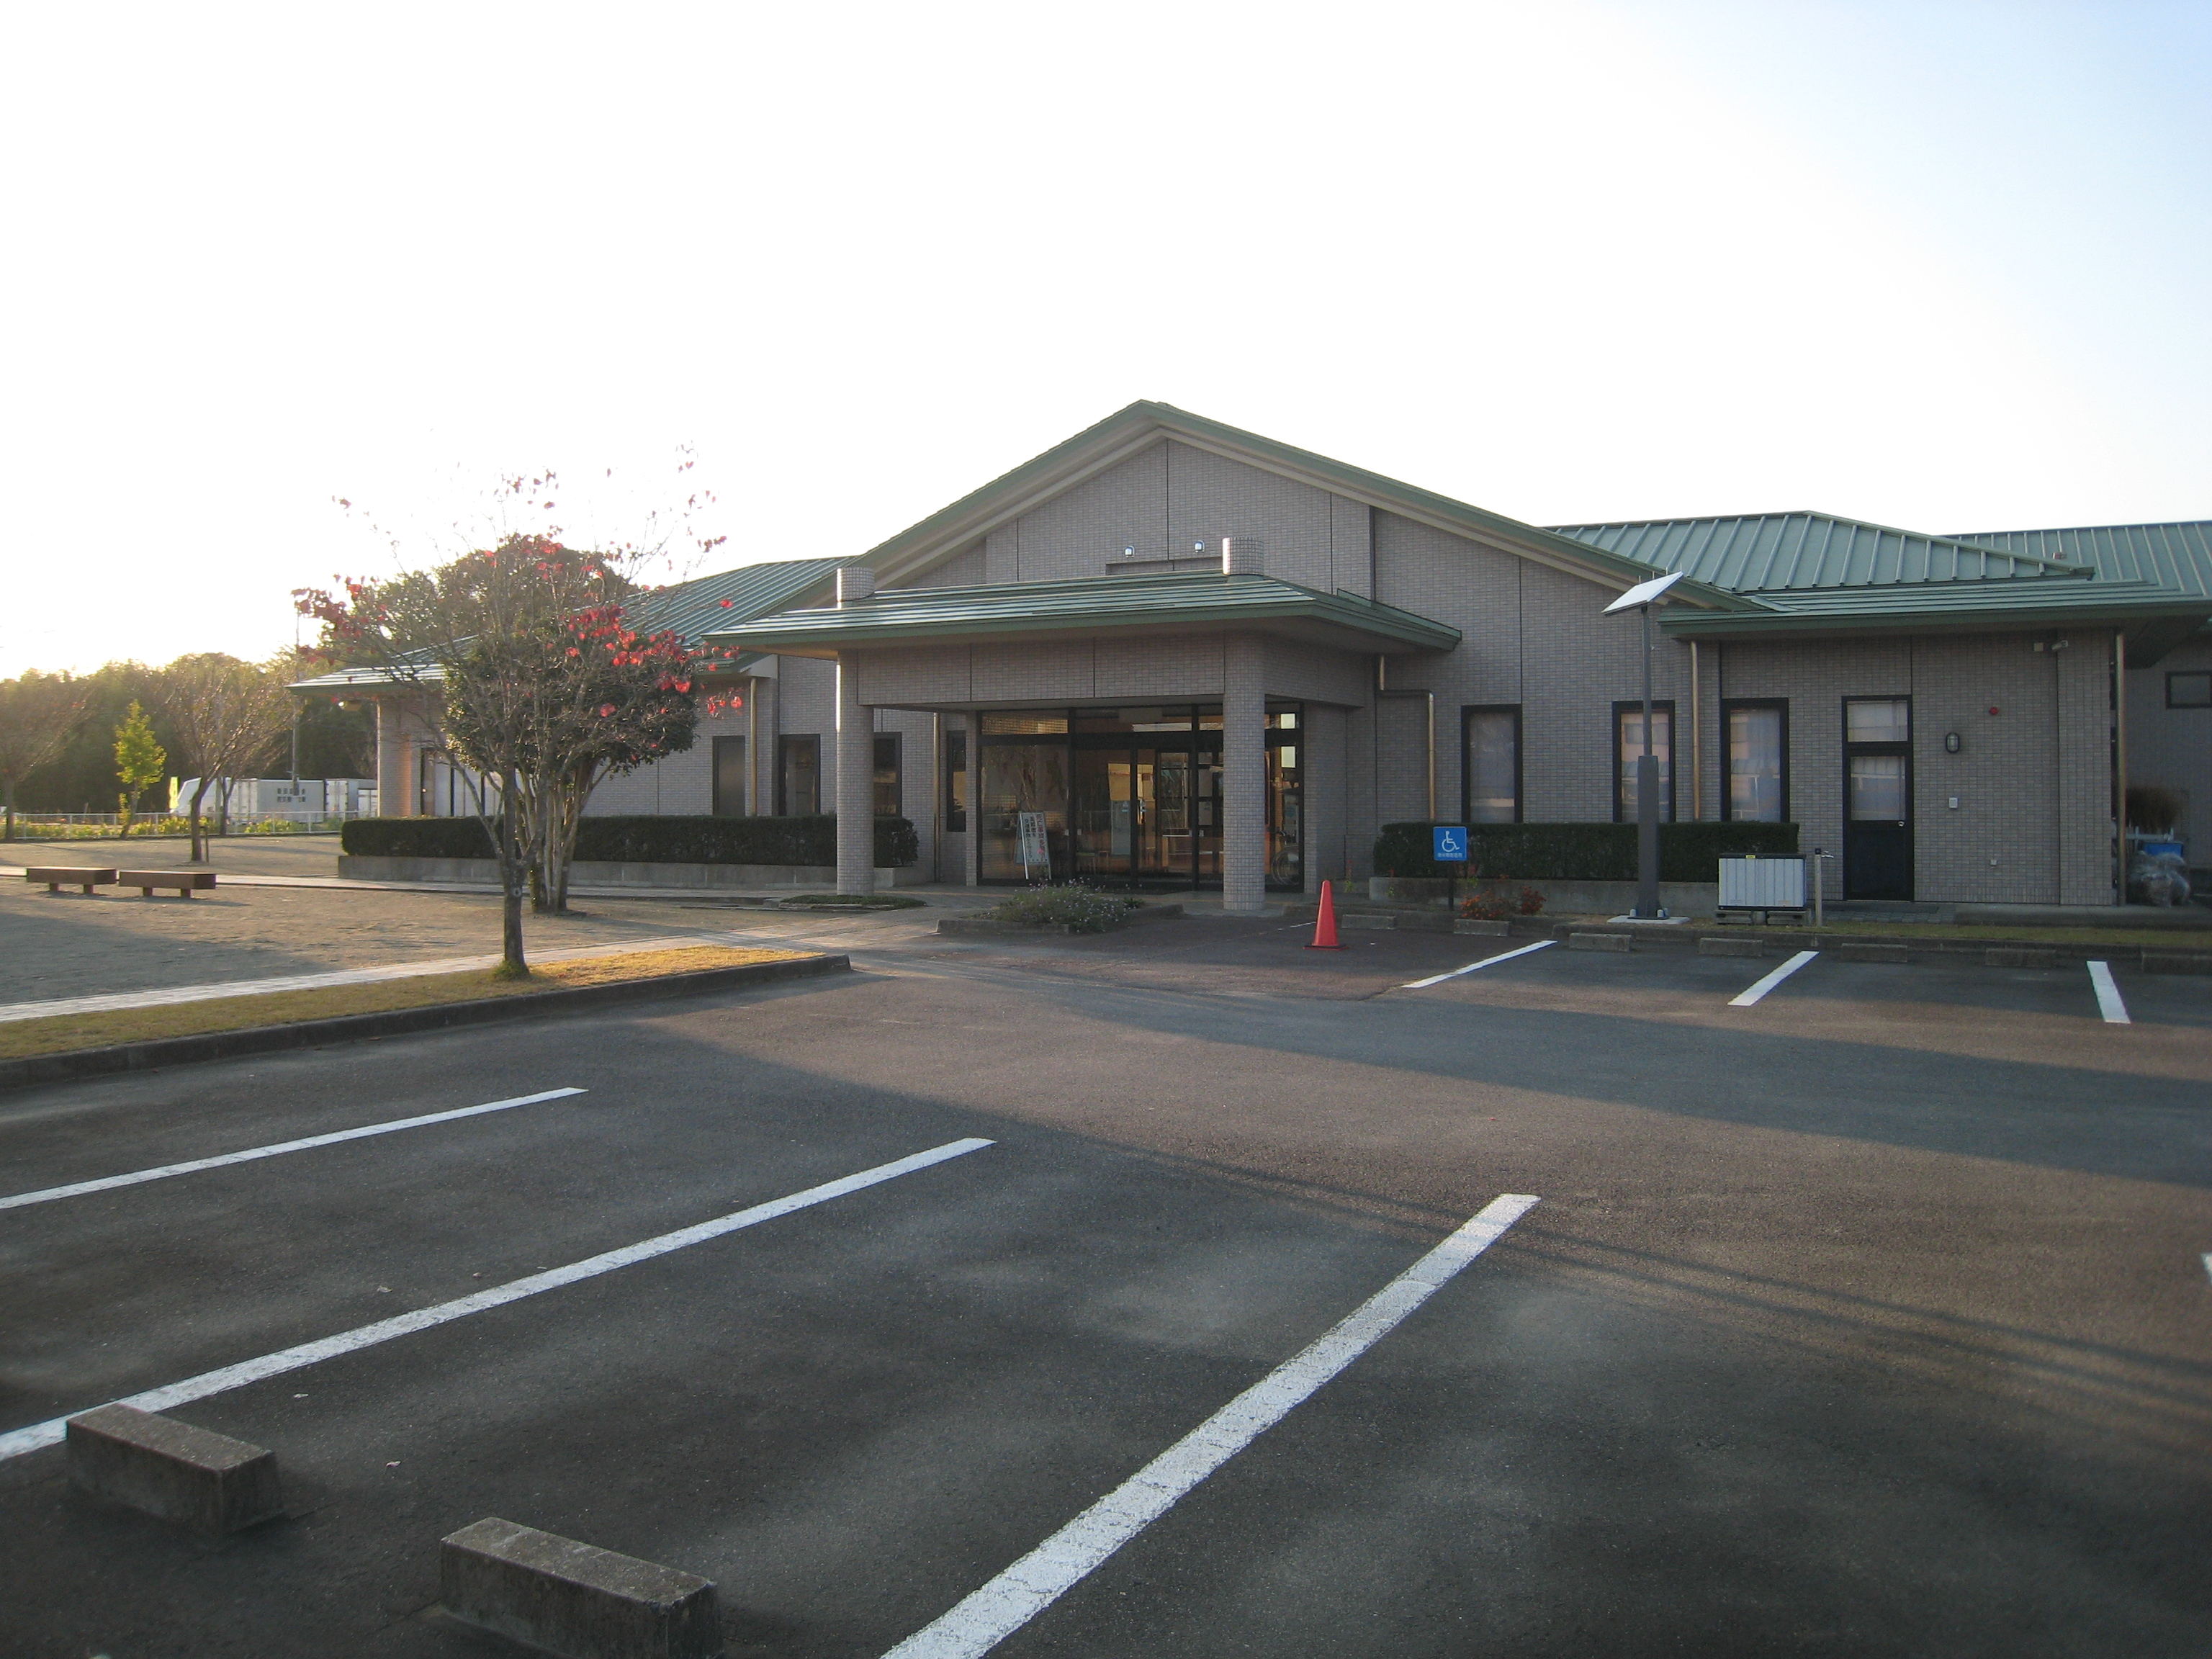 施設:⑰芳野第1投票区 ふれあいセンターよしの